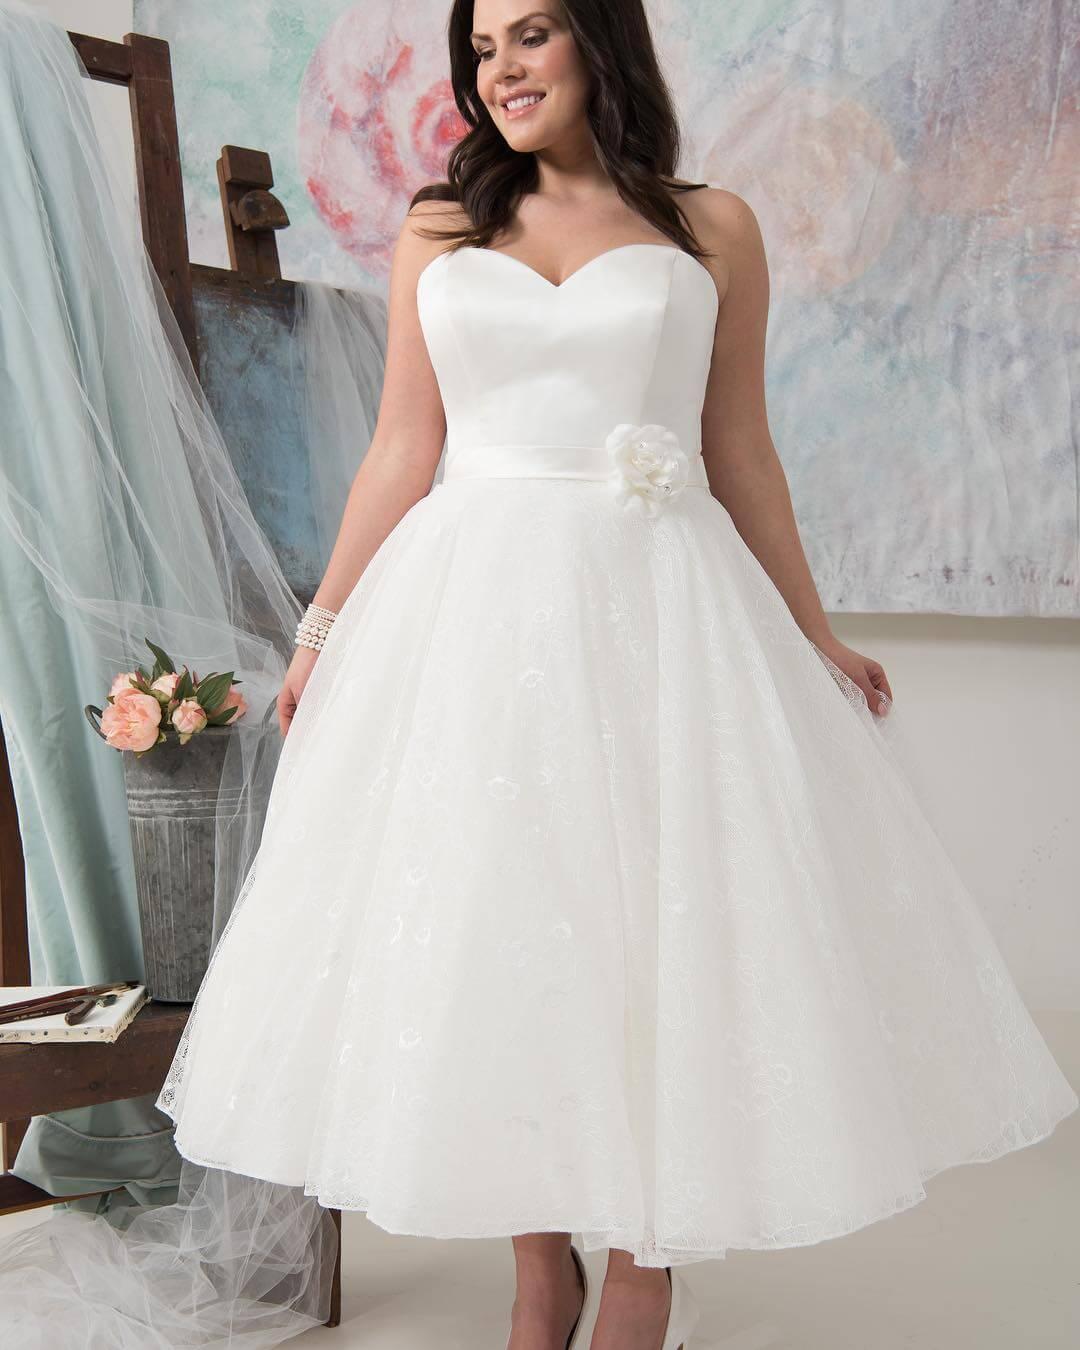 d30a3fb3c8 ▷ Los mejores Vestidos de Novia cortos para tu boda ⭐️